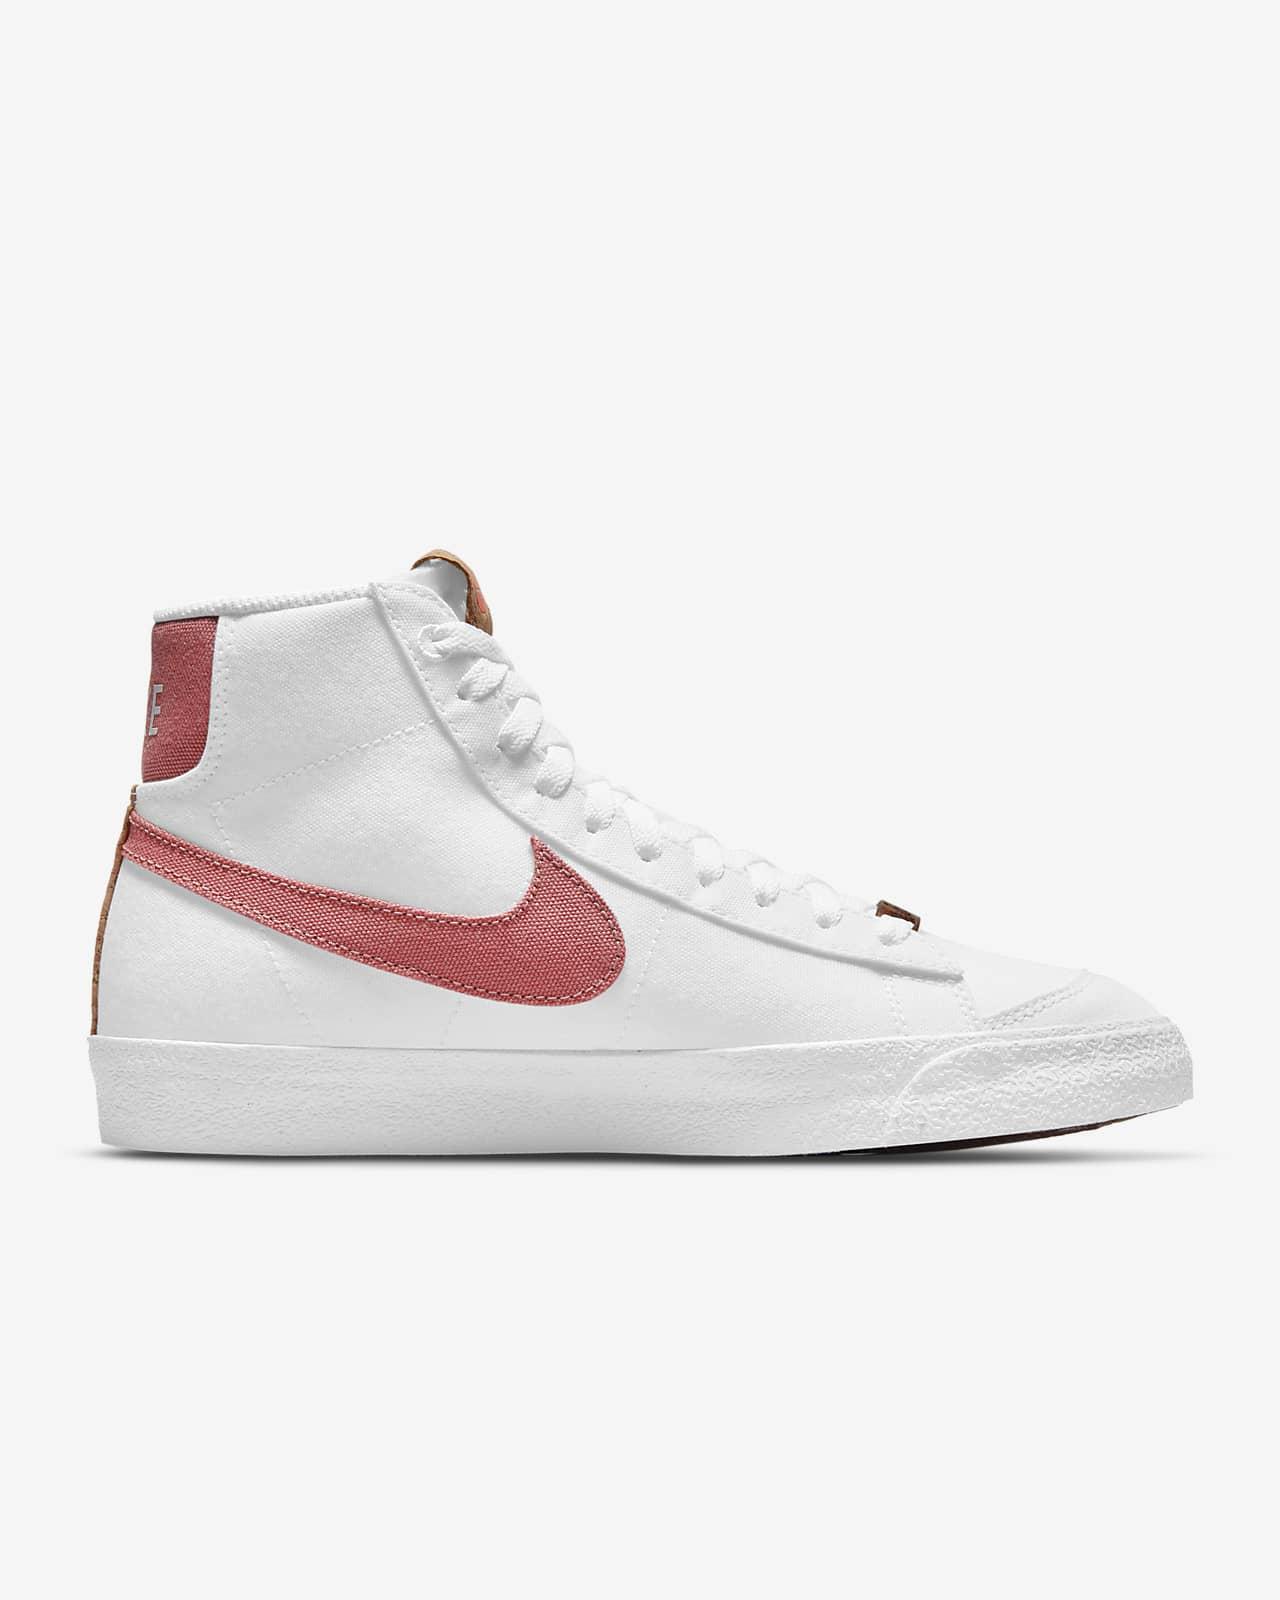 รองเท้าผู้หญิง Nike Blazer Mid '77 SE